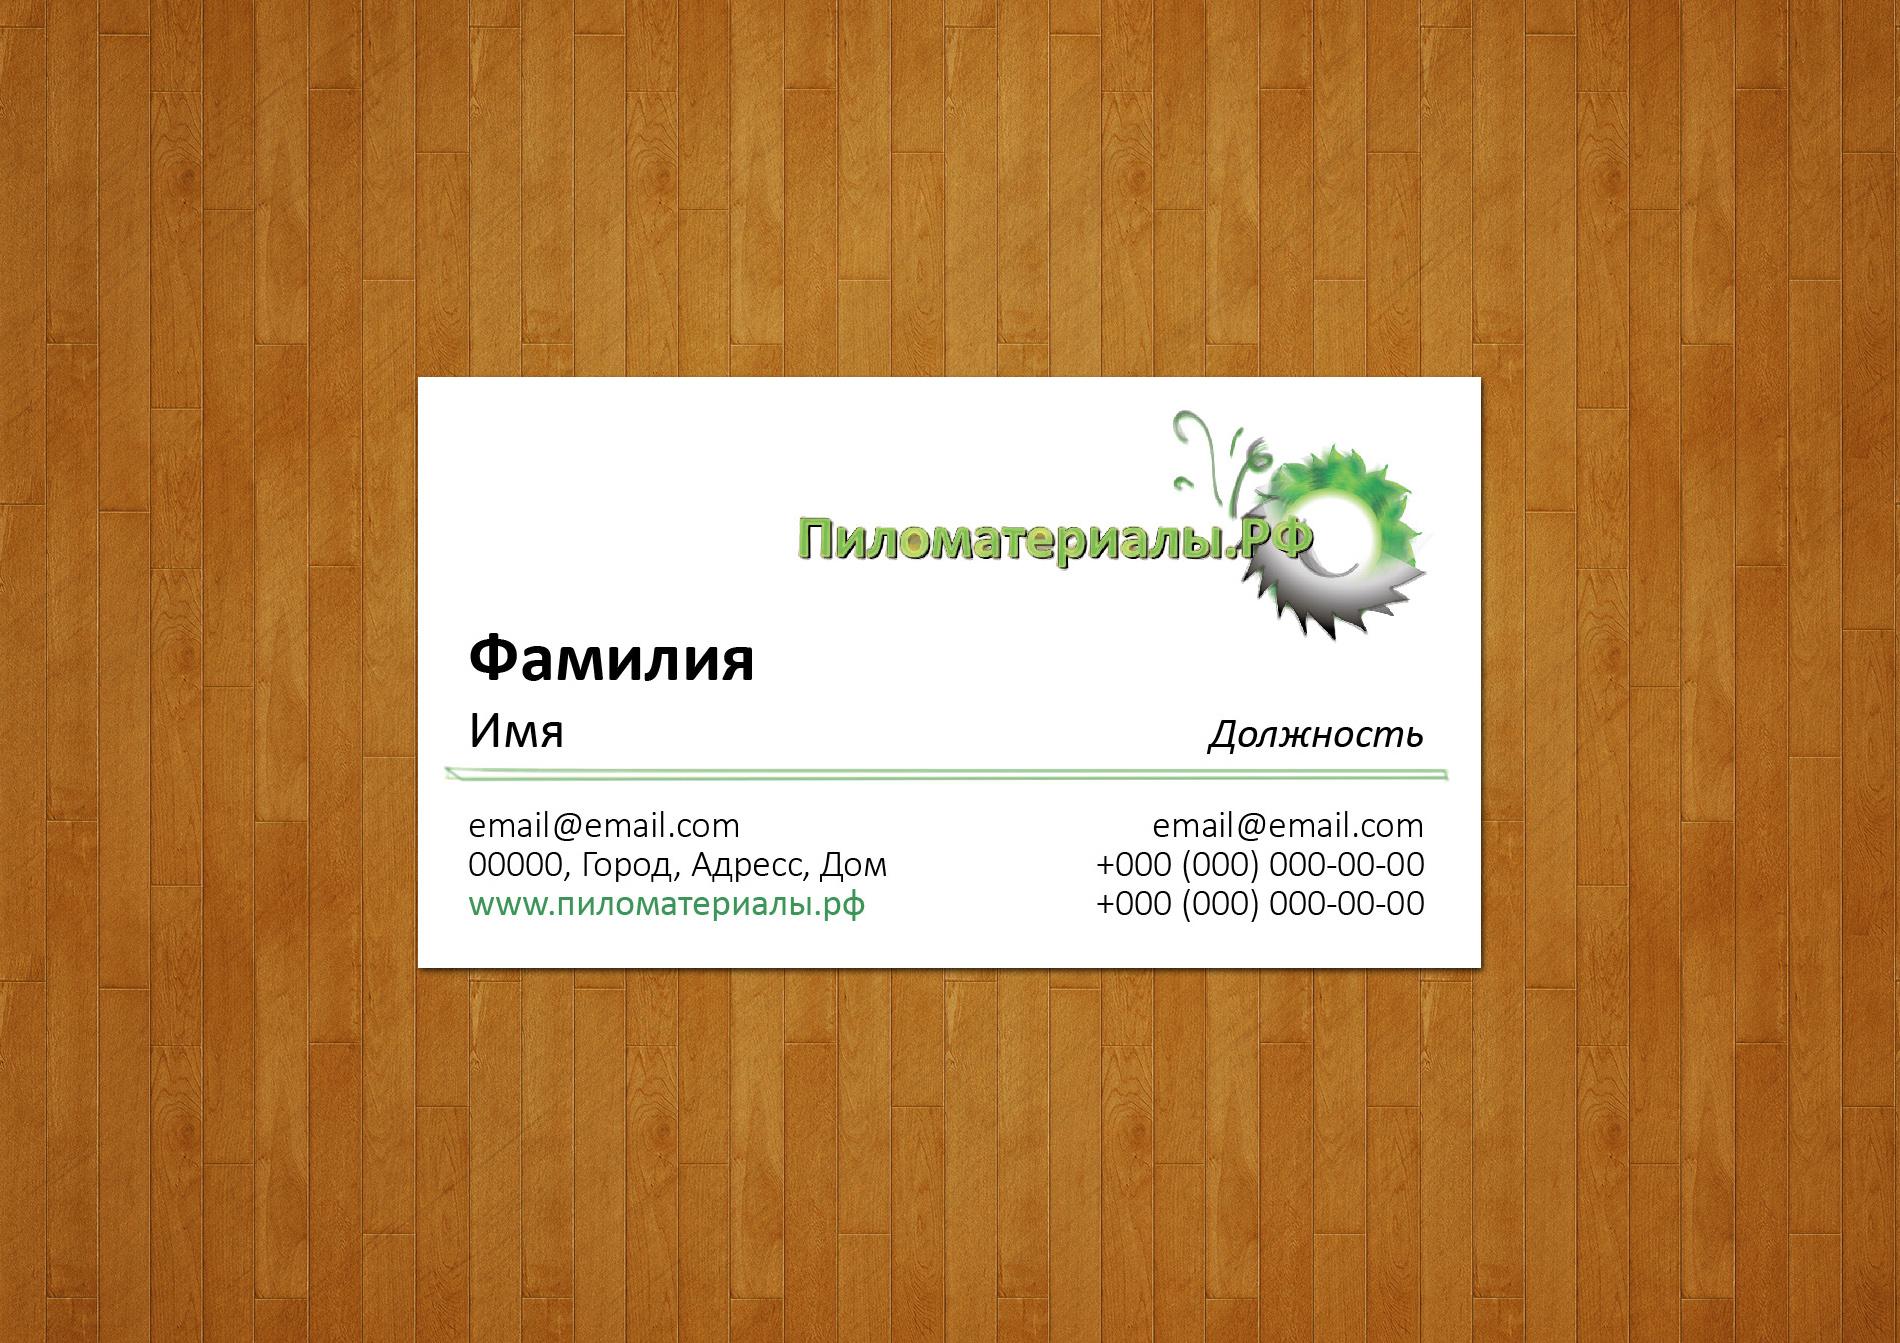 """Создание логотипа и фирменного стиля """"Пиломатериалы.РФ"""" фото f_36252f3938d3a460.jpg"""